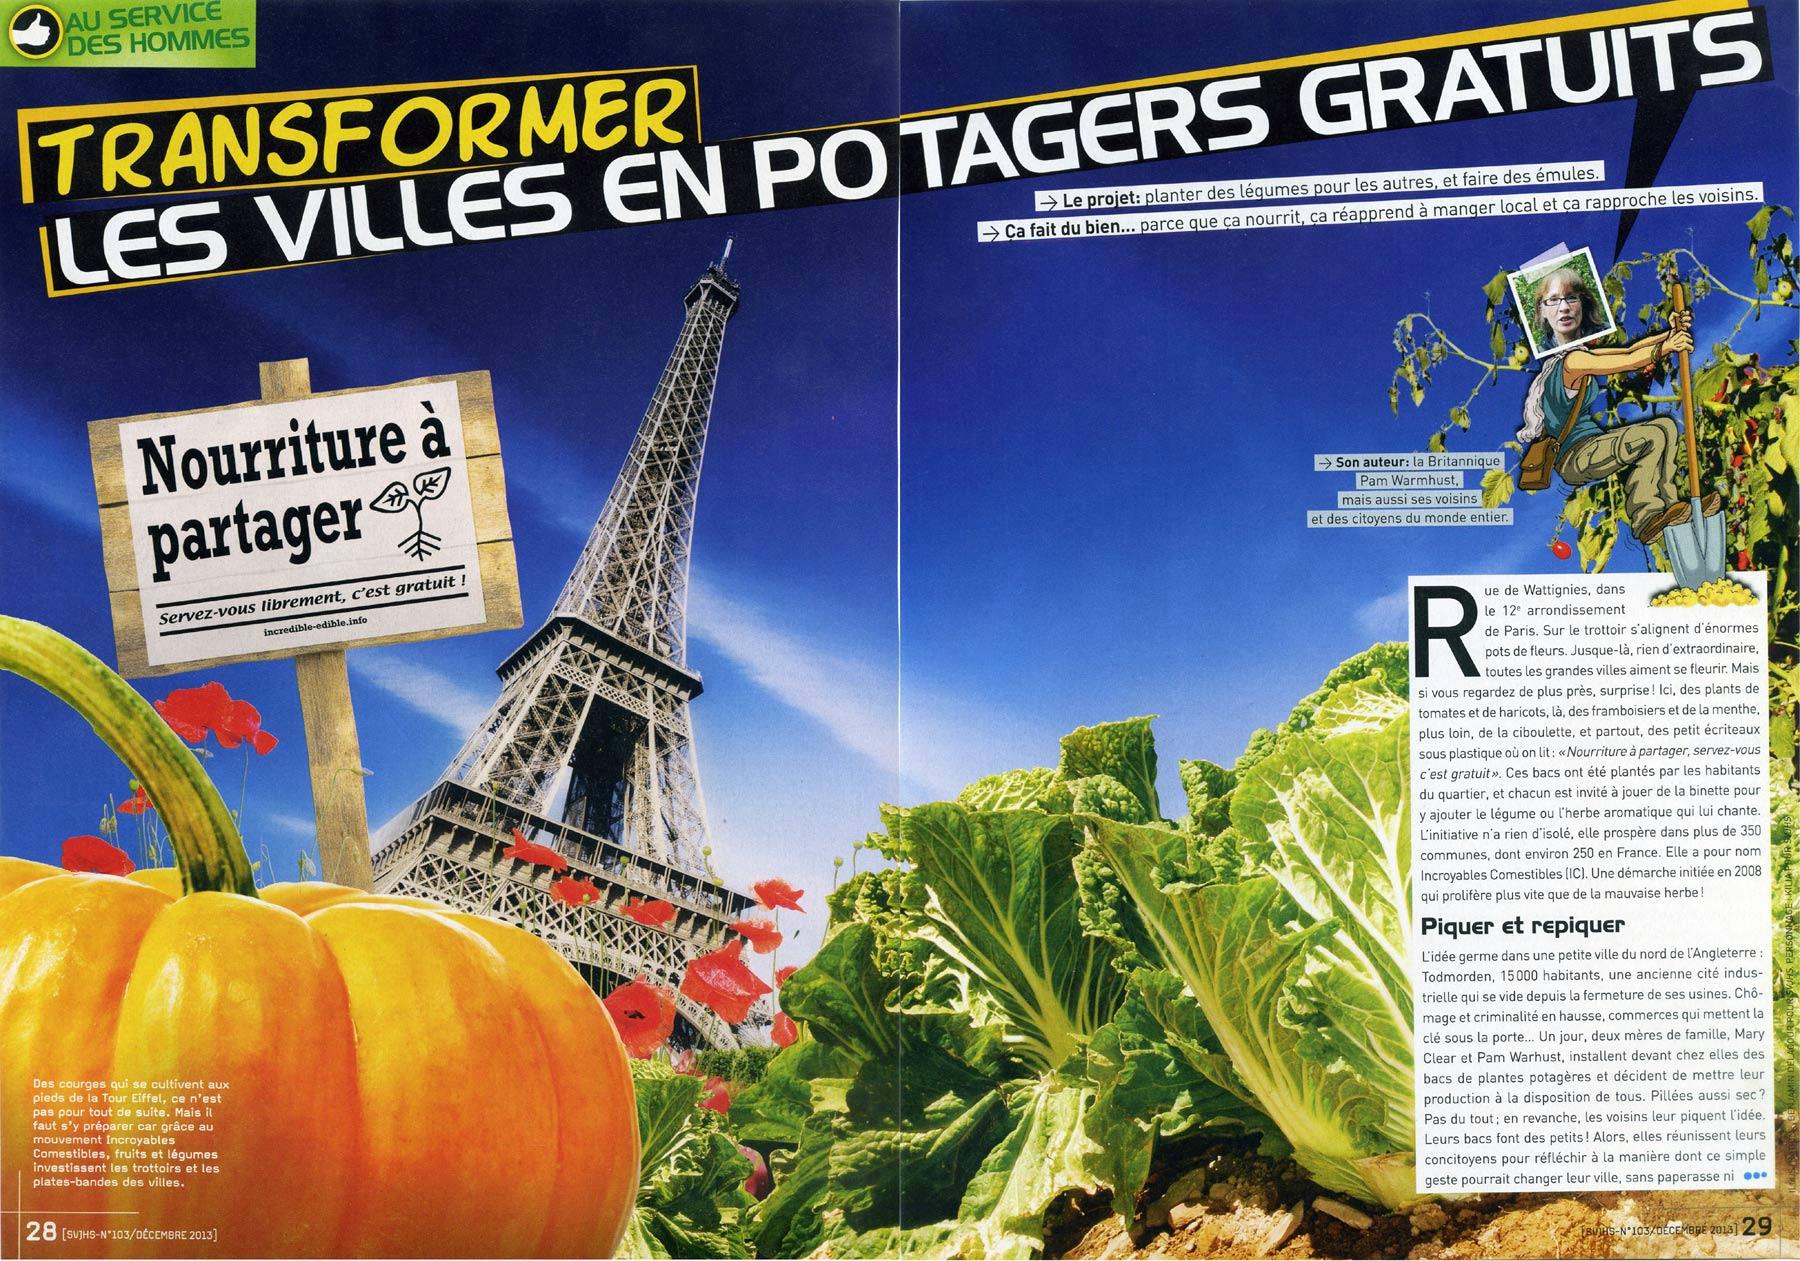 07/02 - Jardinage Pour Les Apprentis, Et Non Pas Pour Les ... intérieur Jardiner Pour Les Nuls